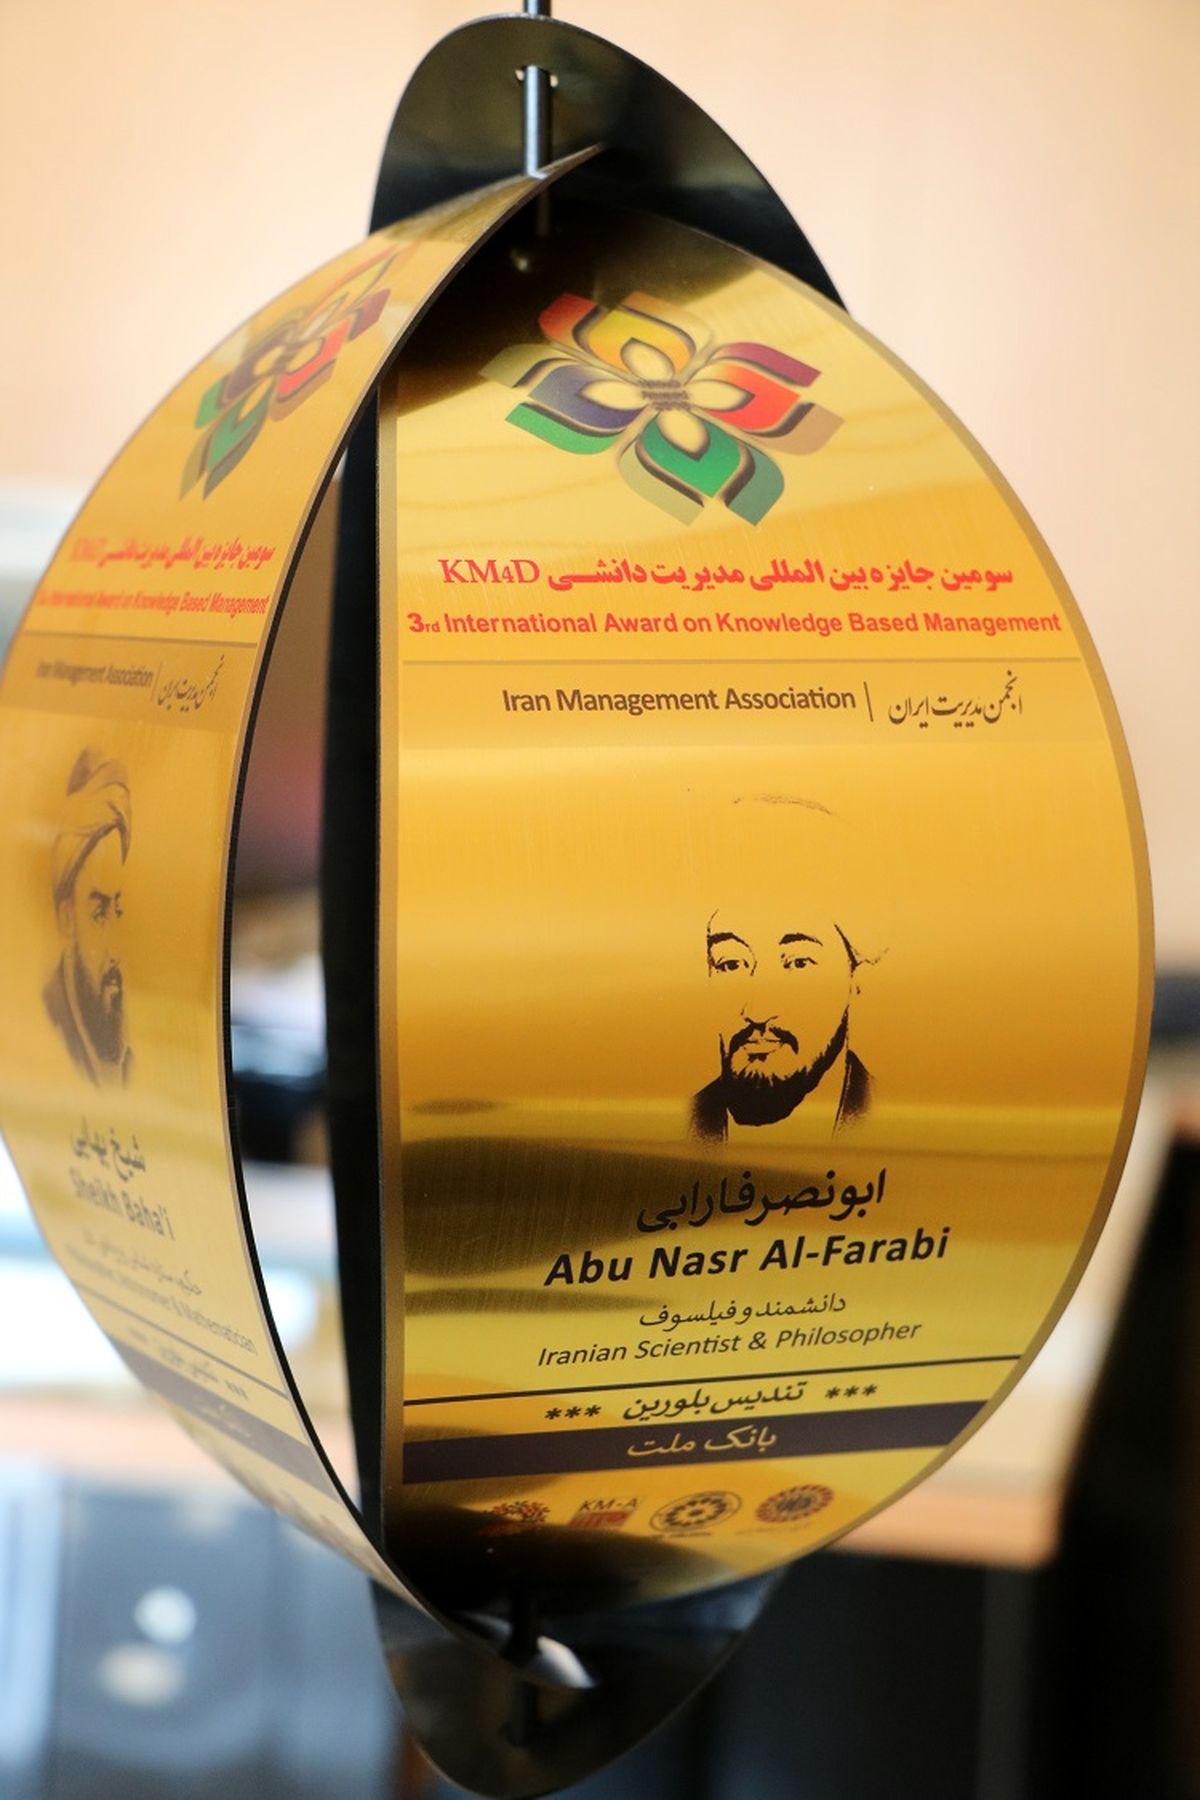 اعطای تندیس بلورین جایزه بین المللی مدیریت دانشی به بانک ملت